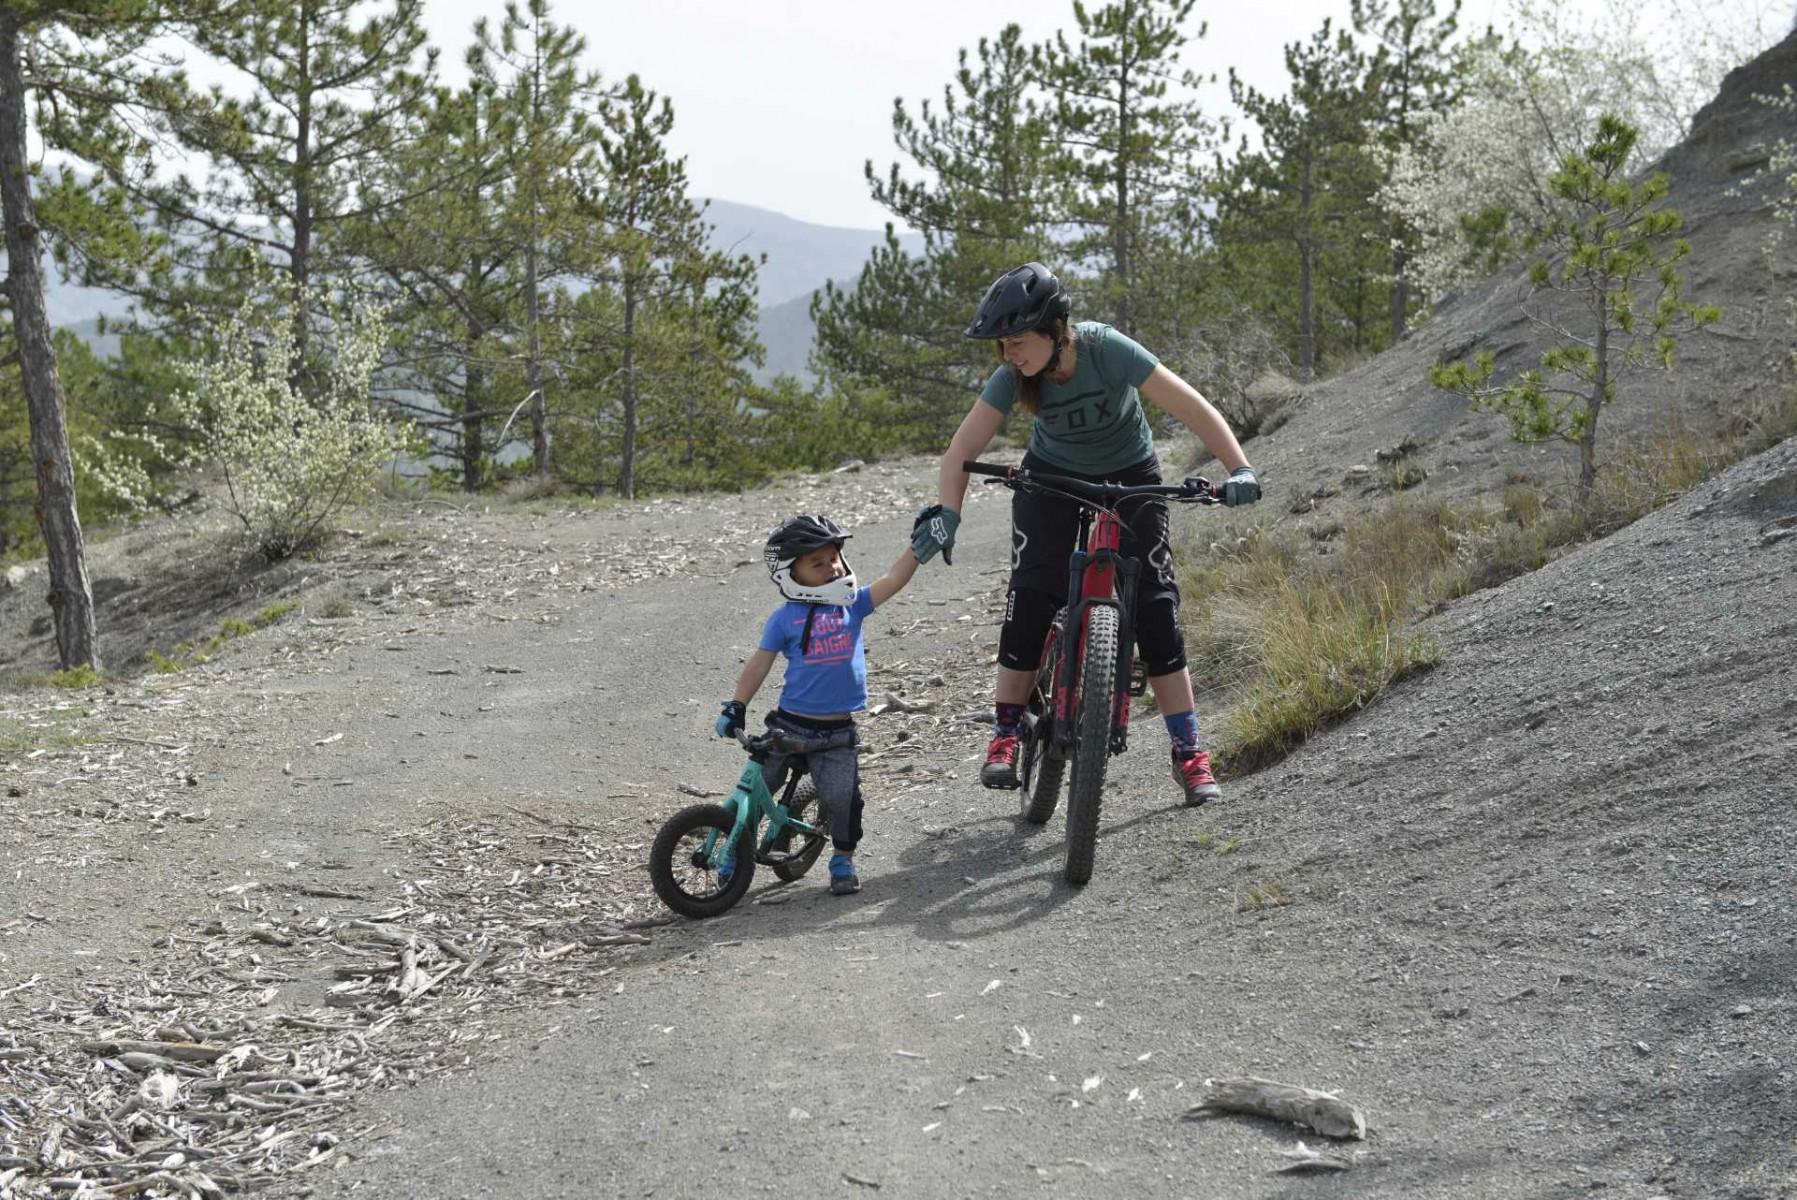 faire du vélo avec son enfant. Maman et enfant check